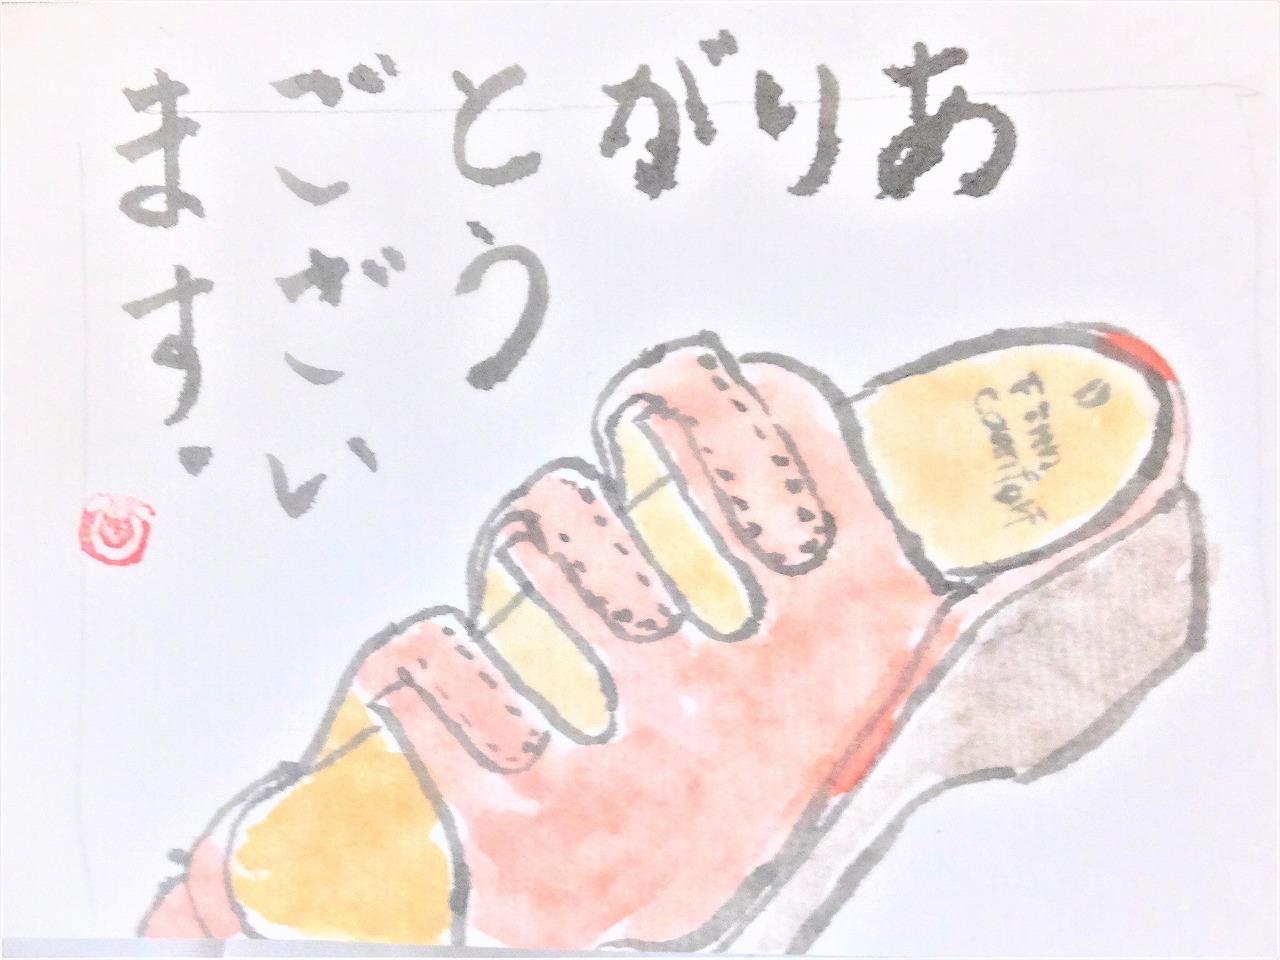 脚長差のお客様へお礼状(絵手紙)